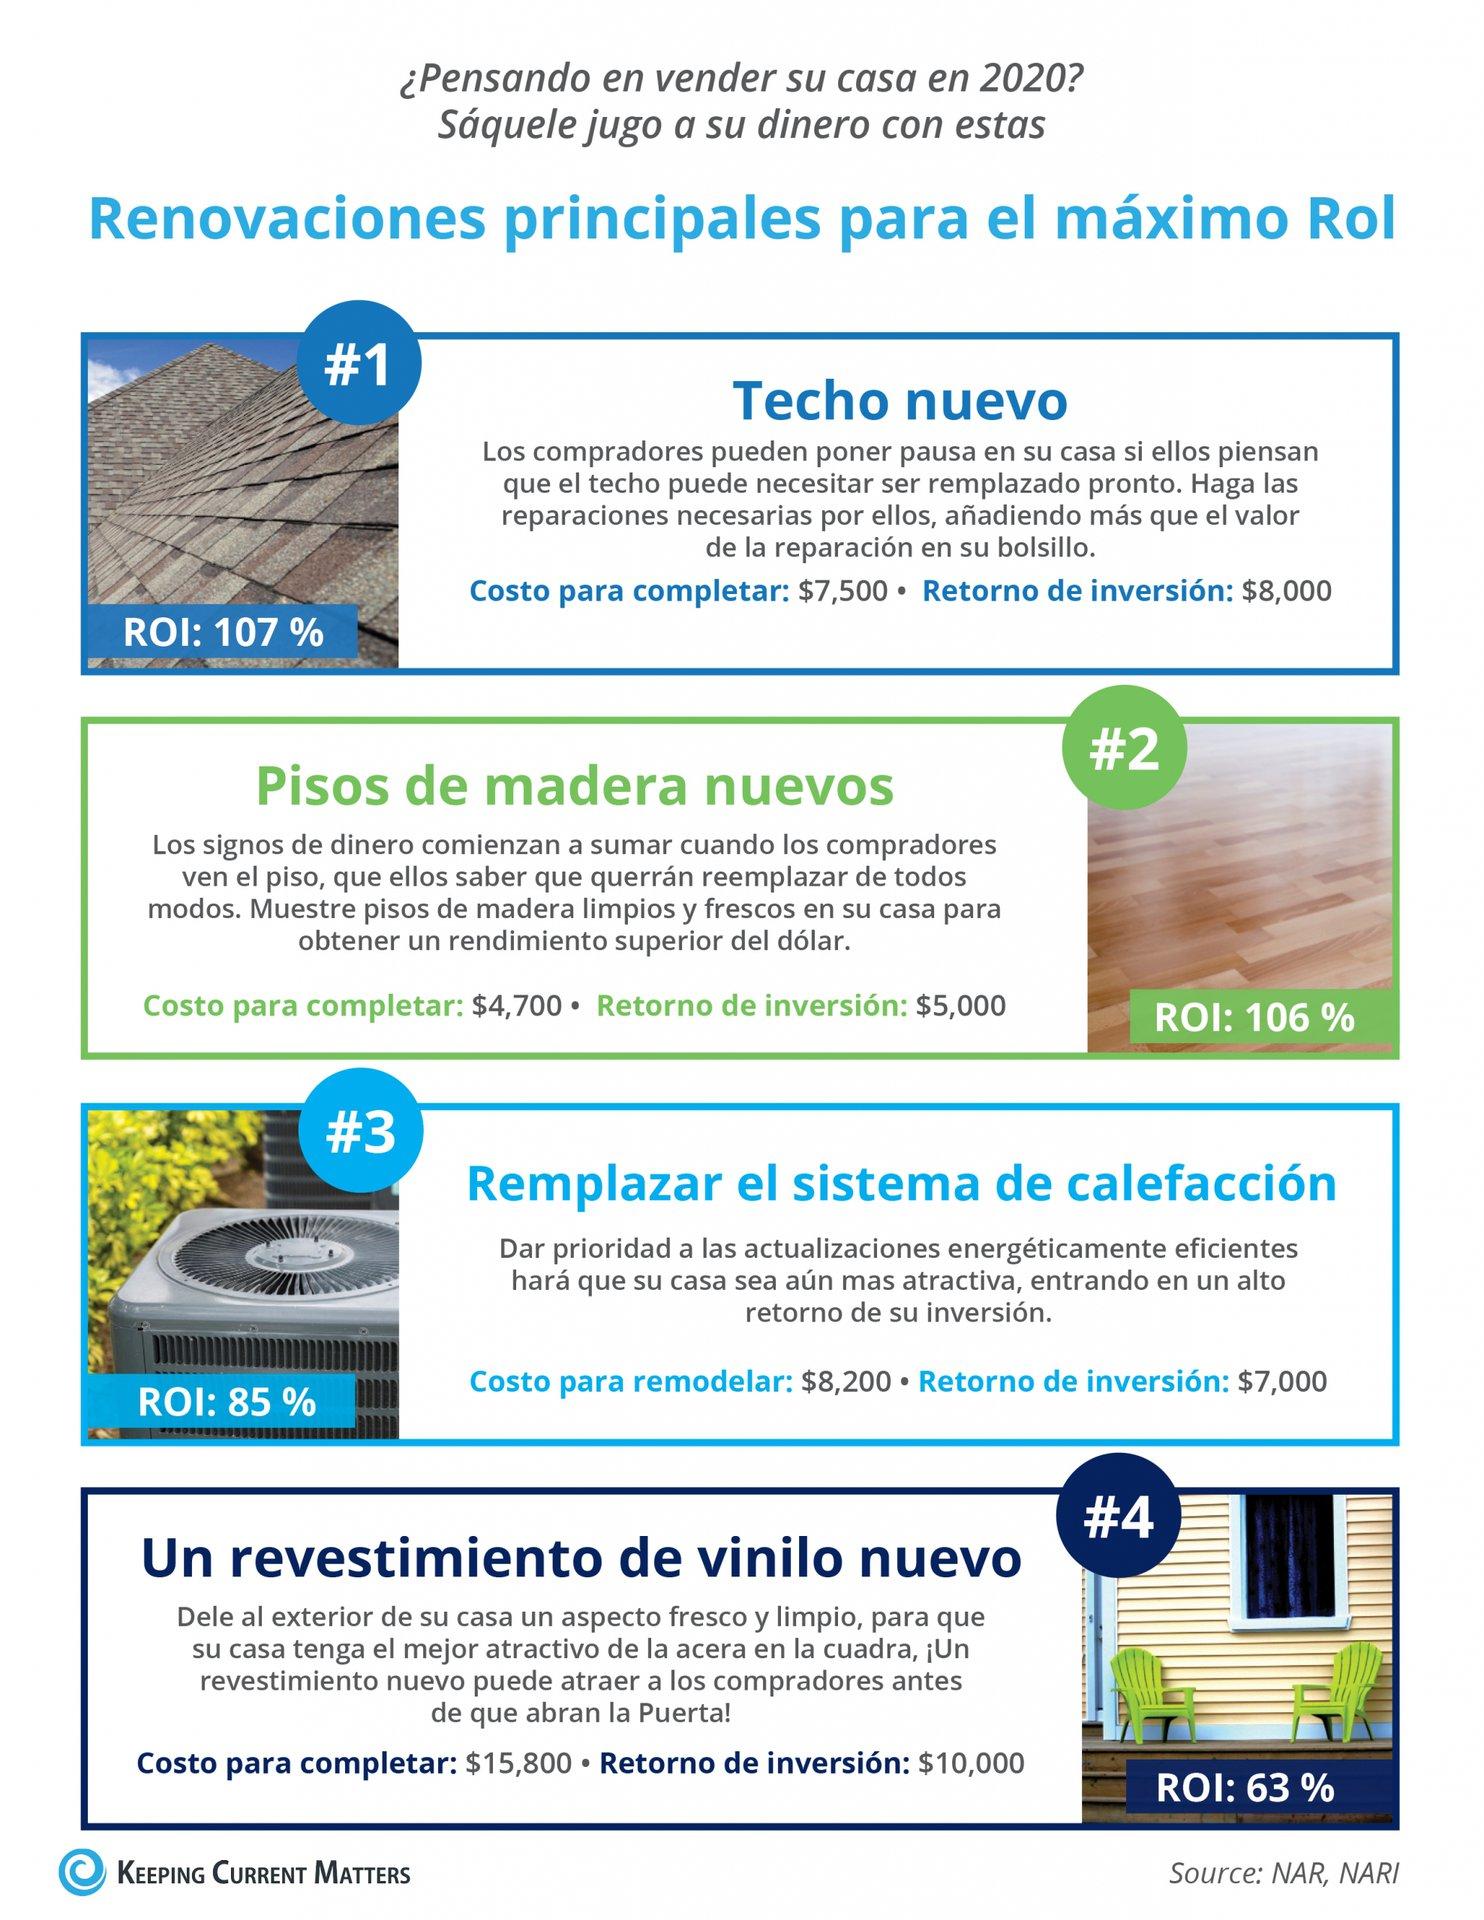 Renovaciones principales para el máximo RoI [infografía] | Keeping Current Matters